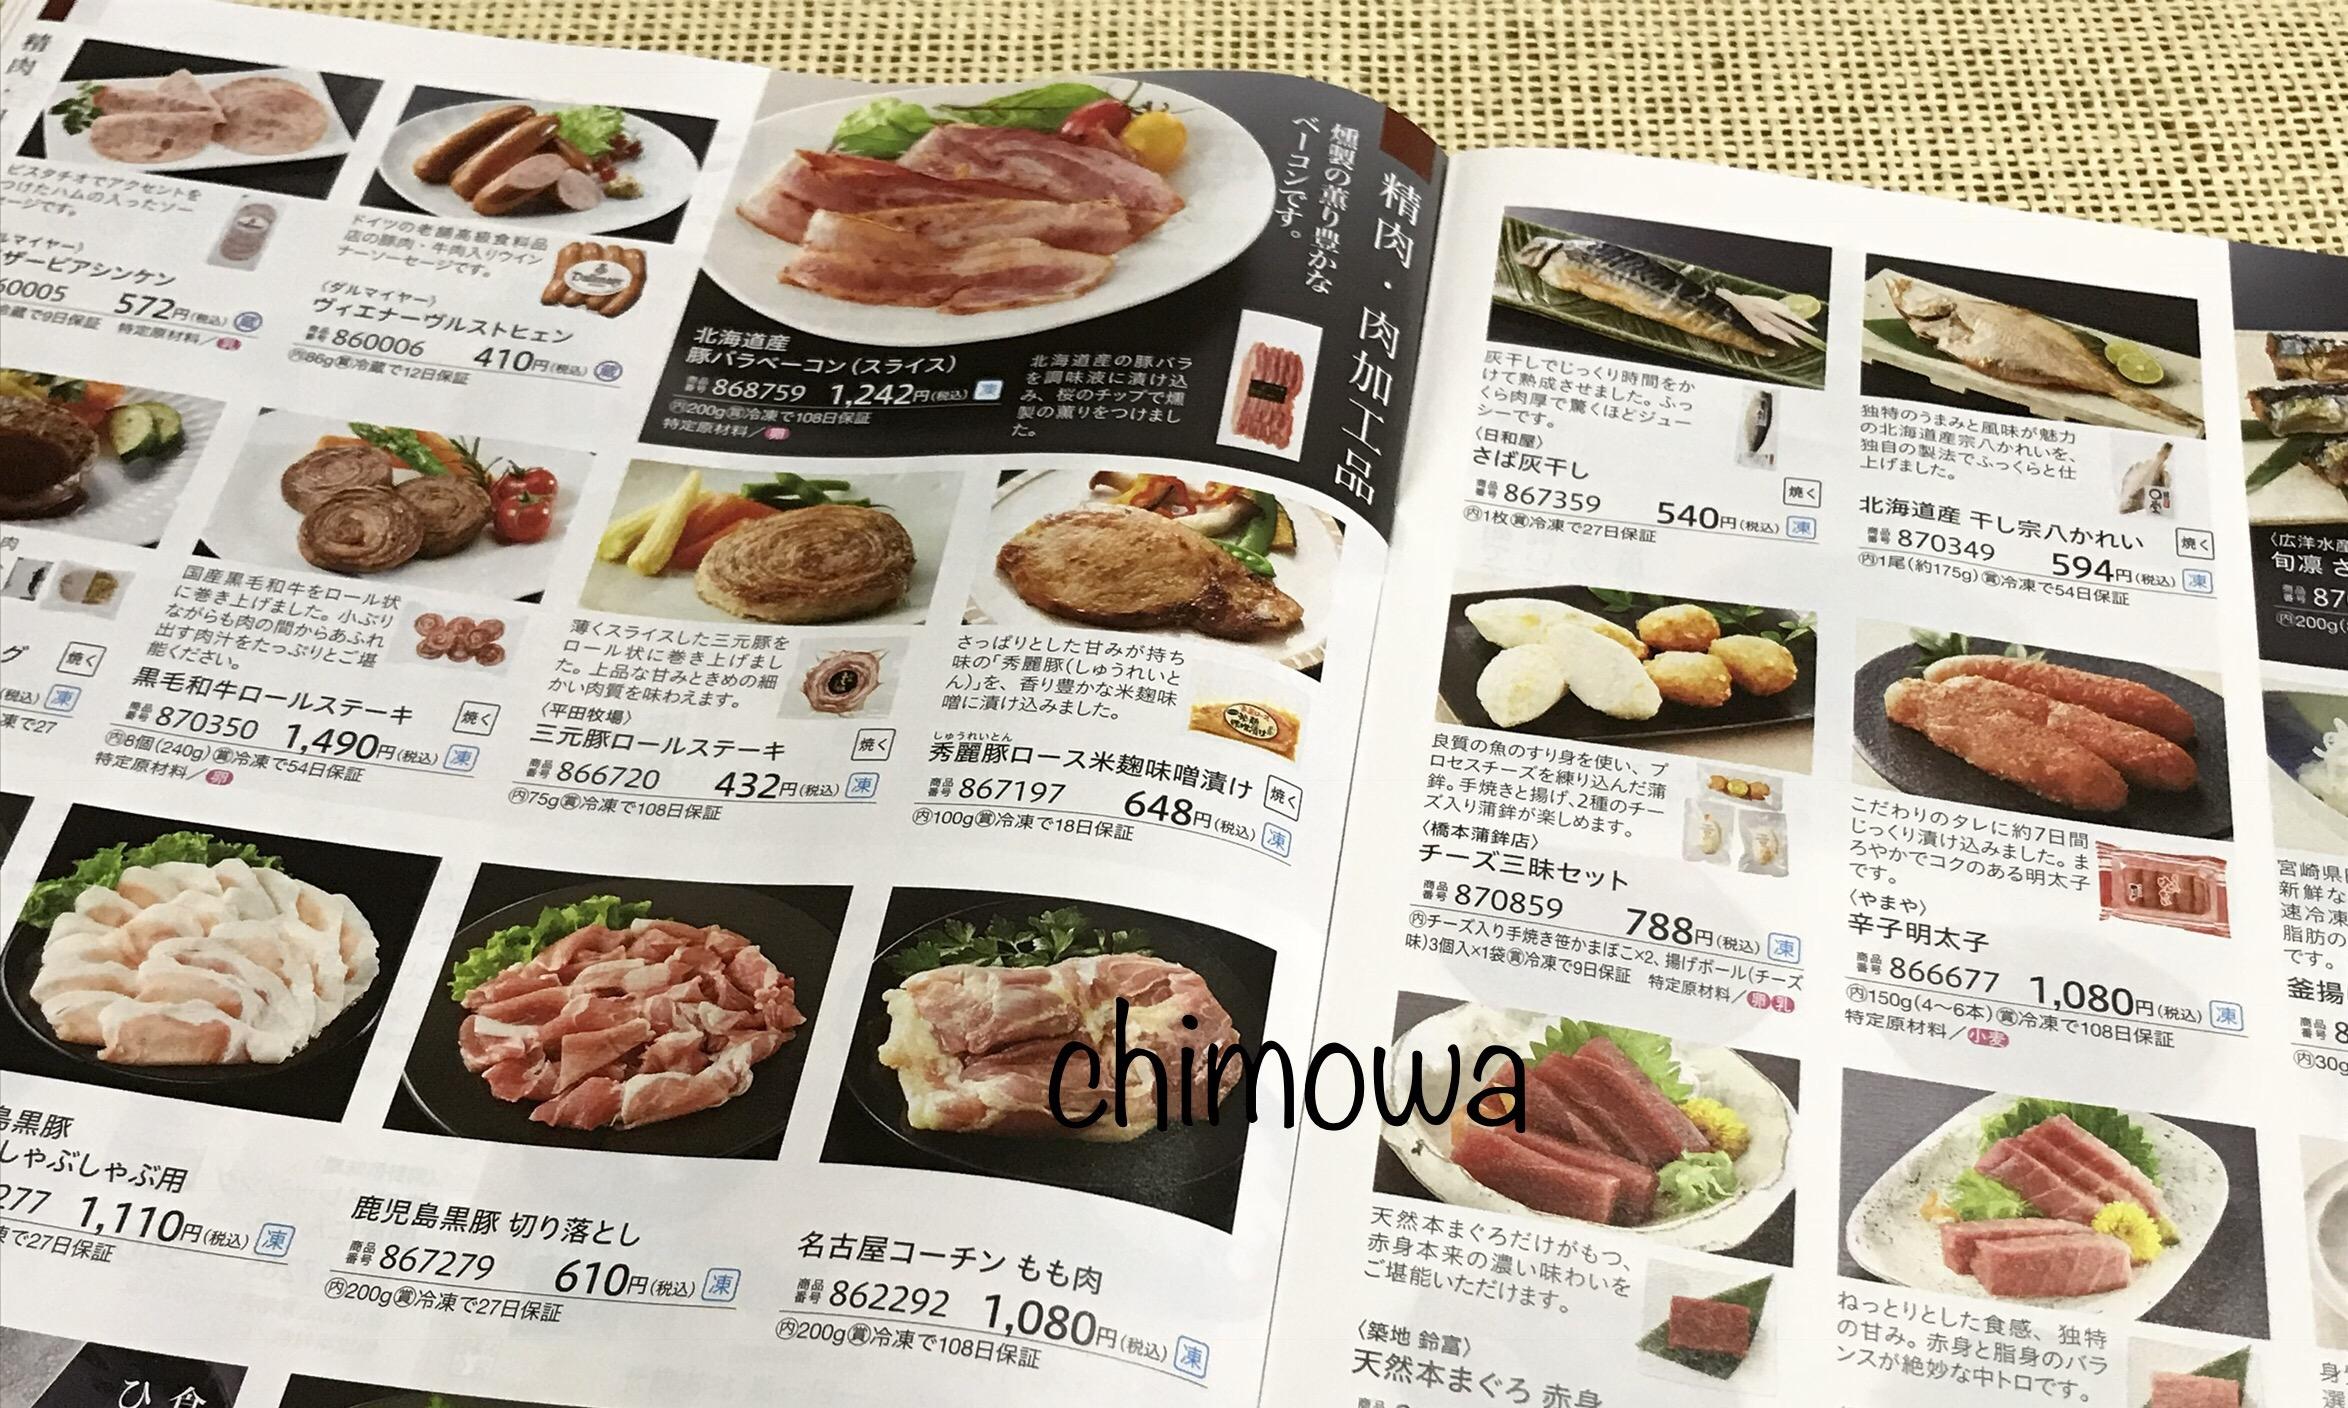 高島屋ローズキッチンカタログの「水産、精肉・肉加工品」ページの写真